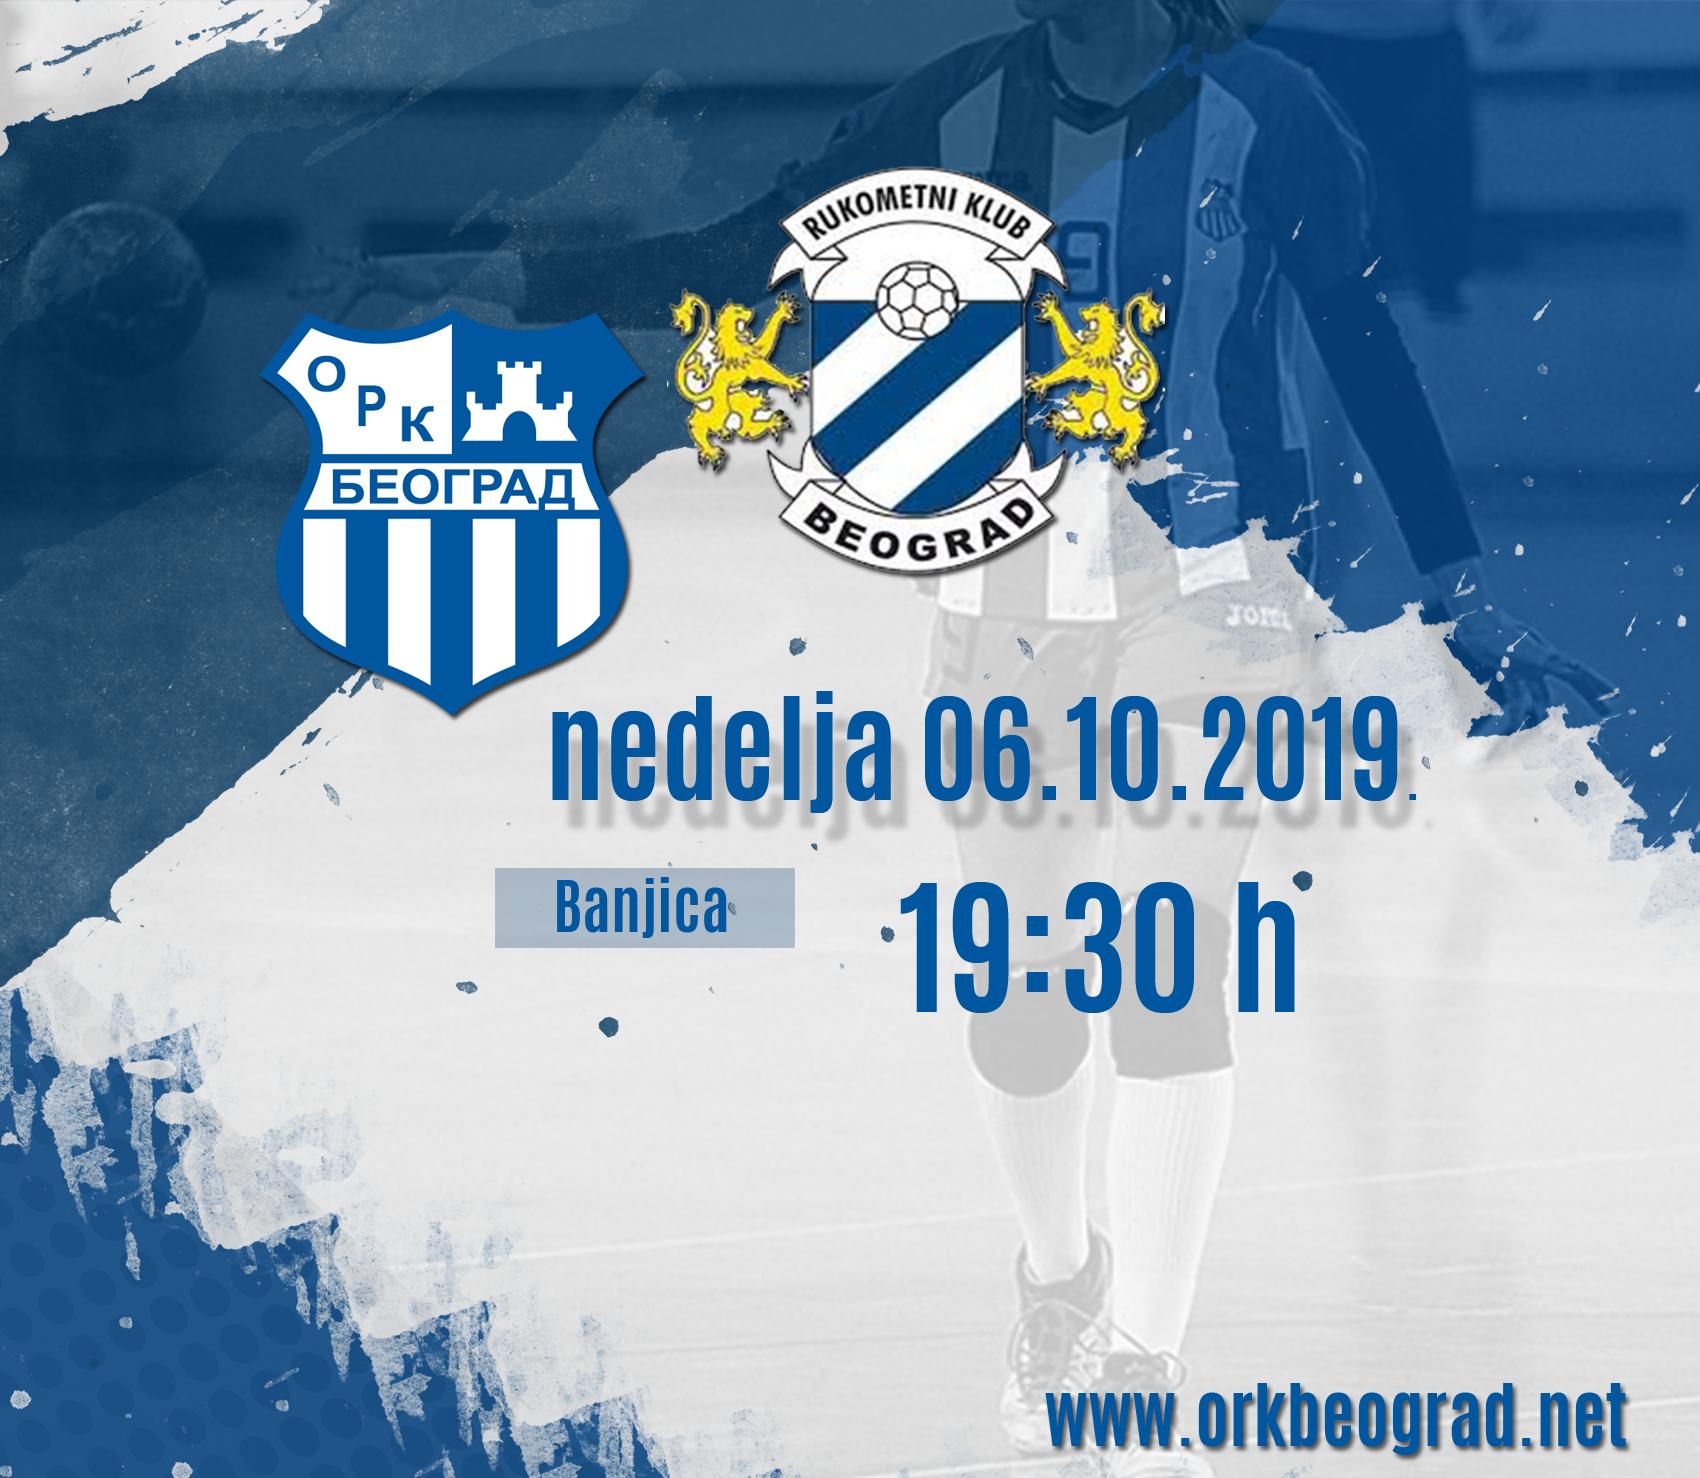 ОРК Београд отвара сезону играња на домаћем терену. Недеља 19:30!